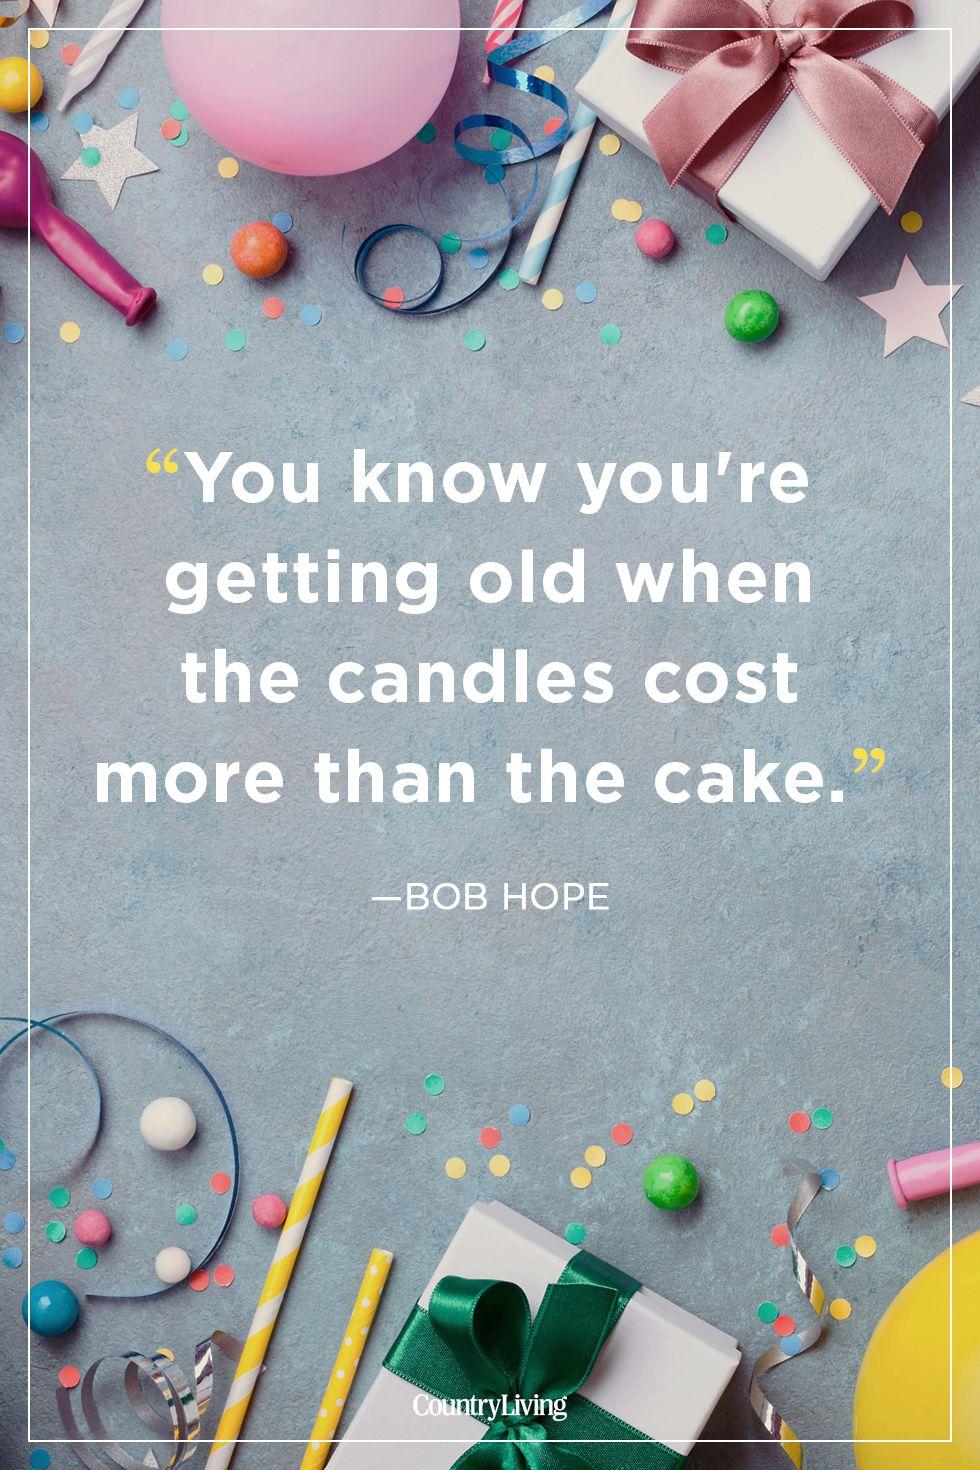 bob hopebirthday quote